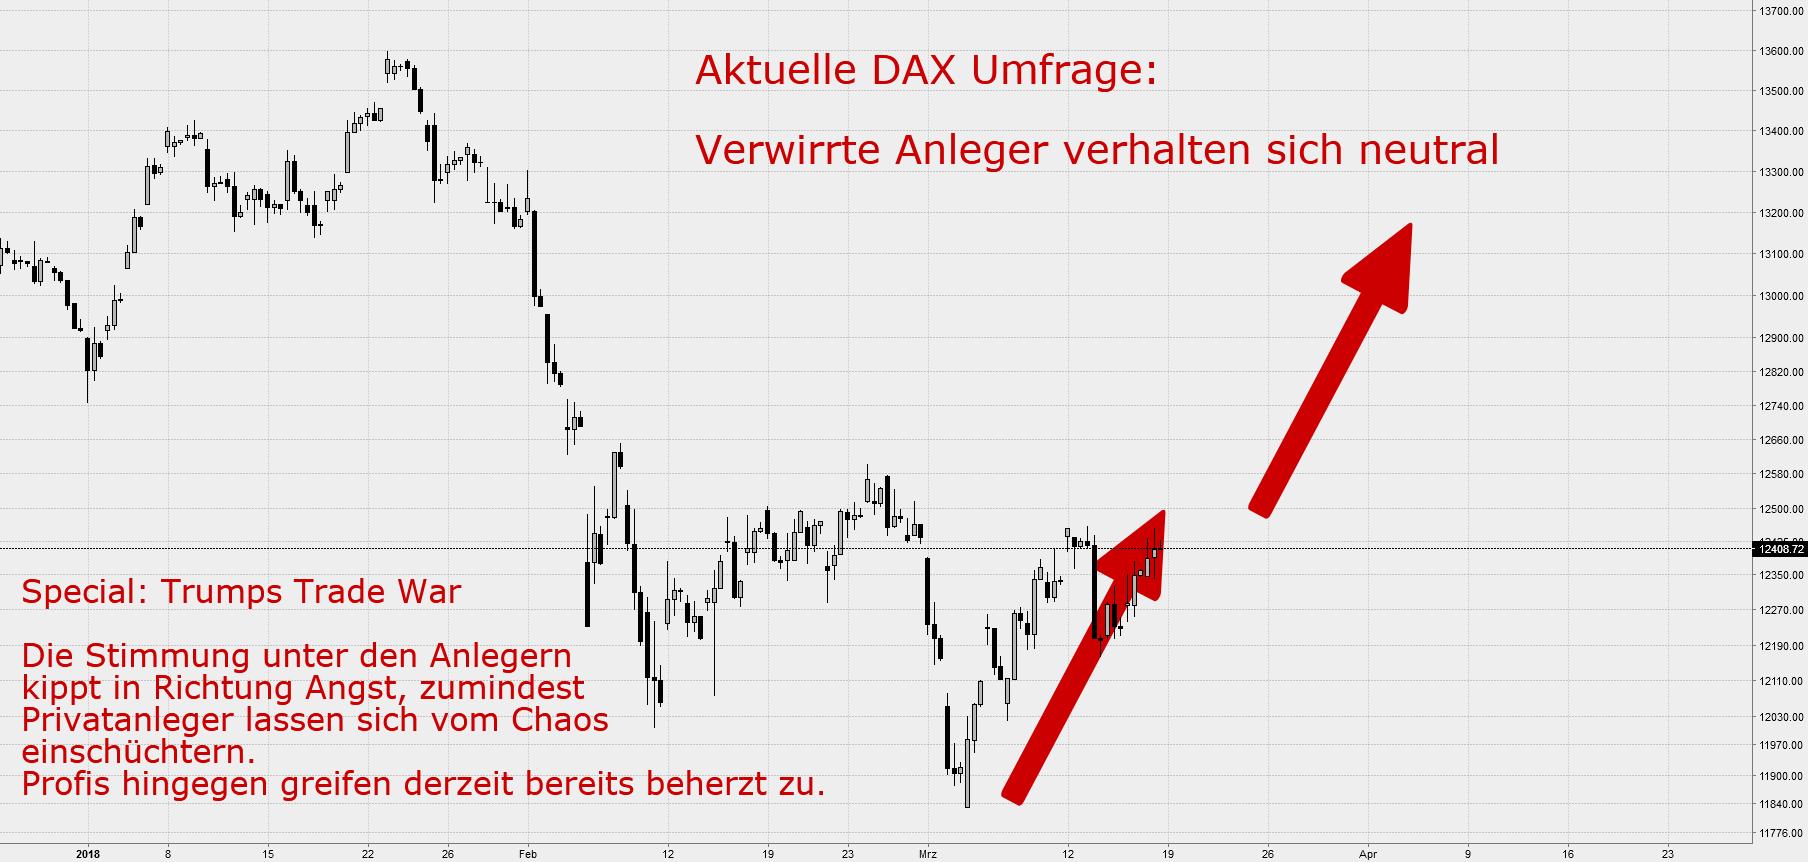 DAX Sentiment: Private könnten steigenden Kursen hinterherlaufen